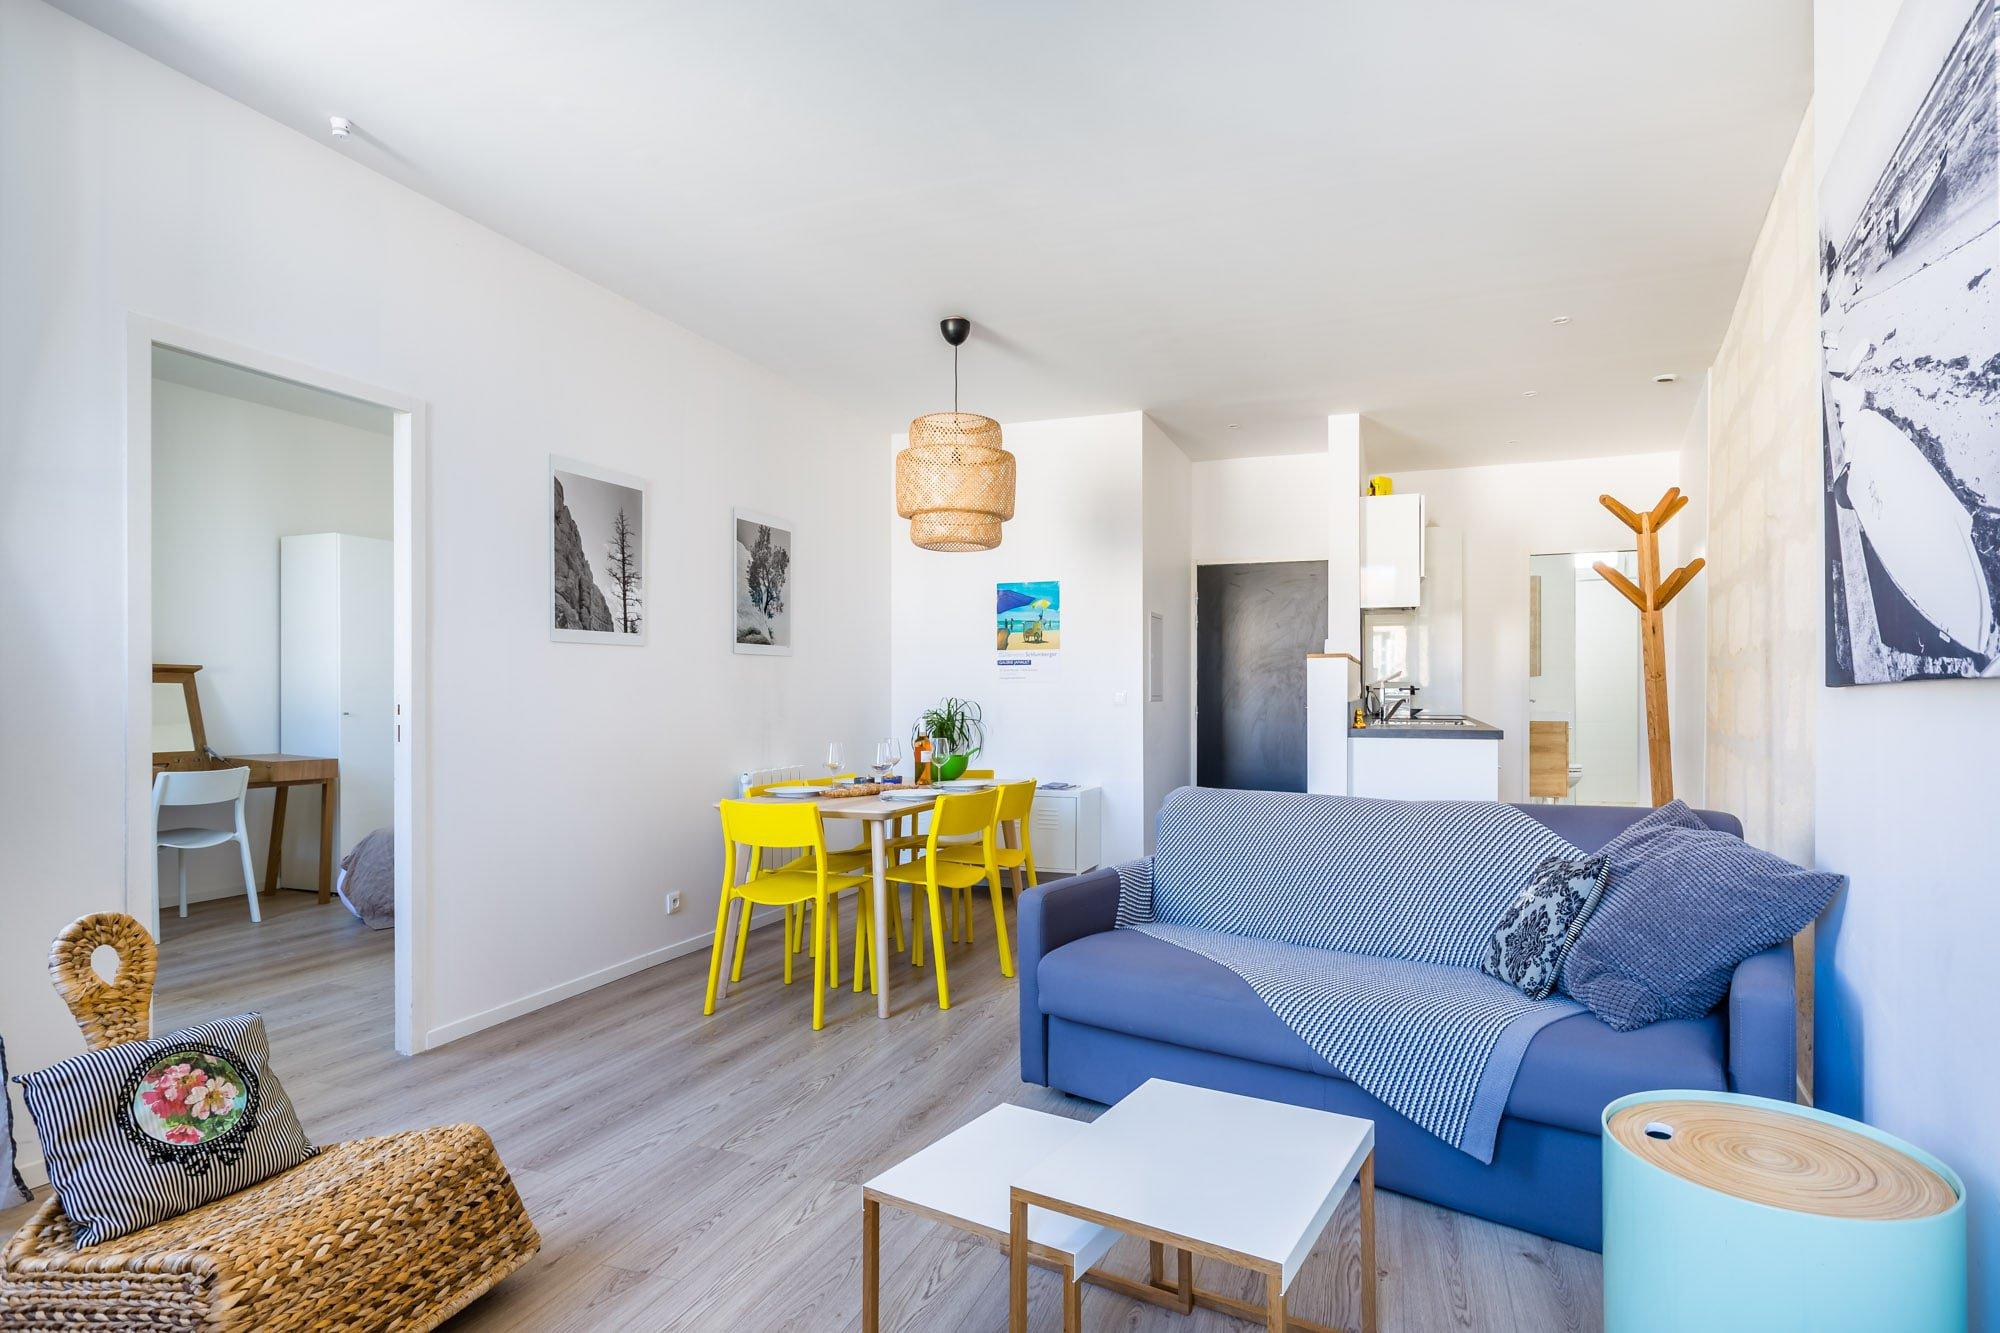 multipliez vos revenus locatifs conciergerie airbnb bnblord. Black Bedroom Furniture Sets. Home Design Ideas